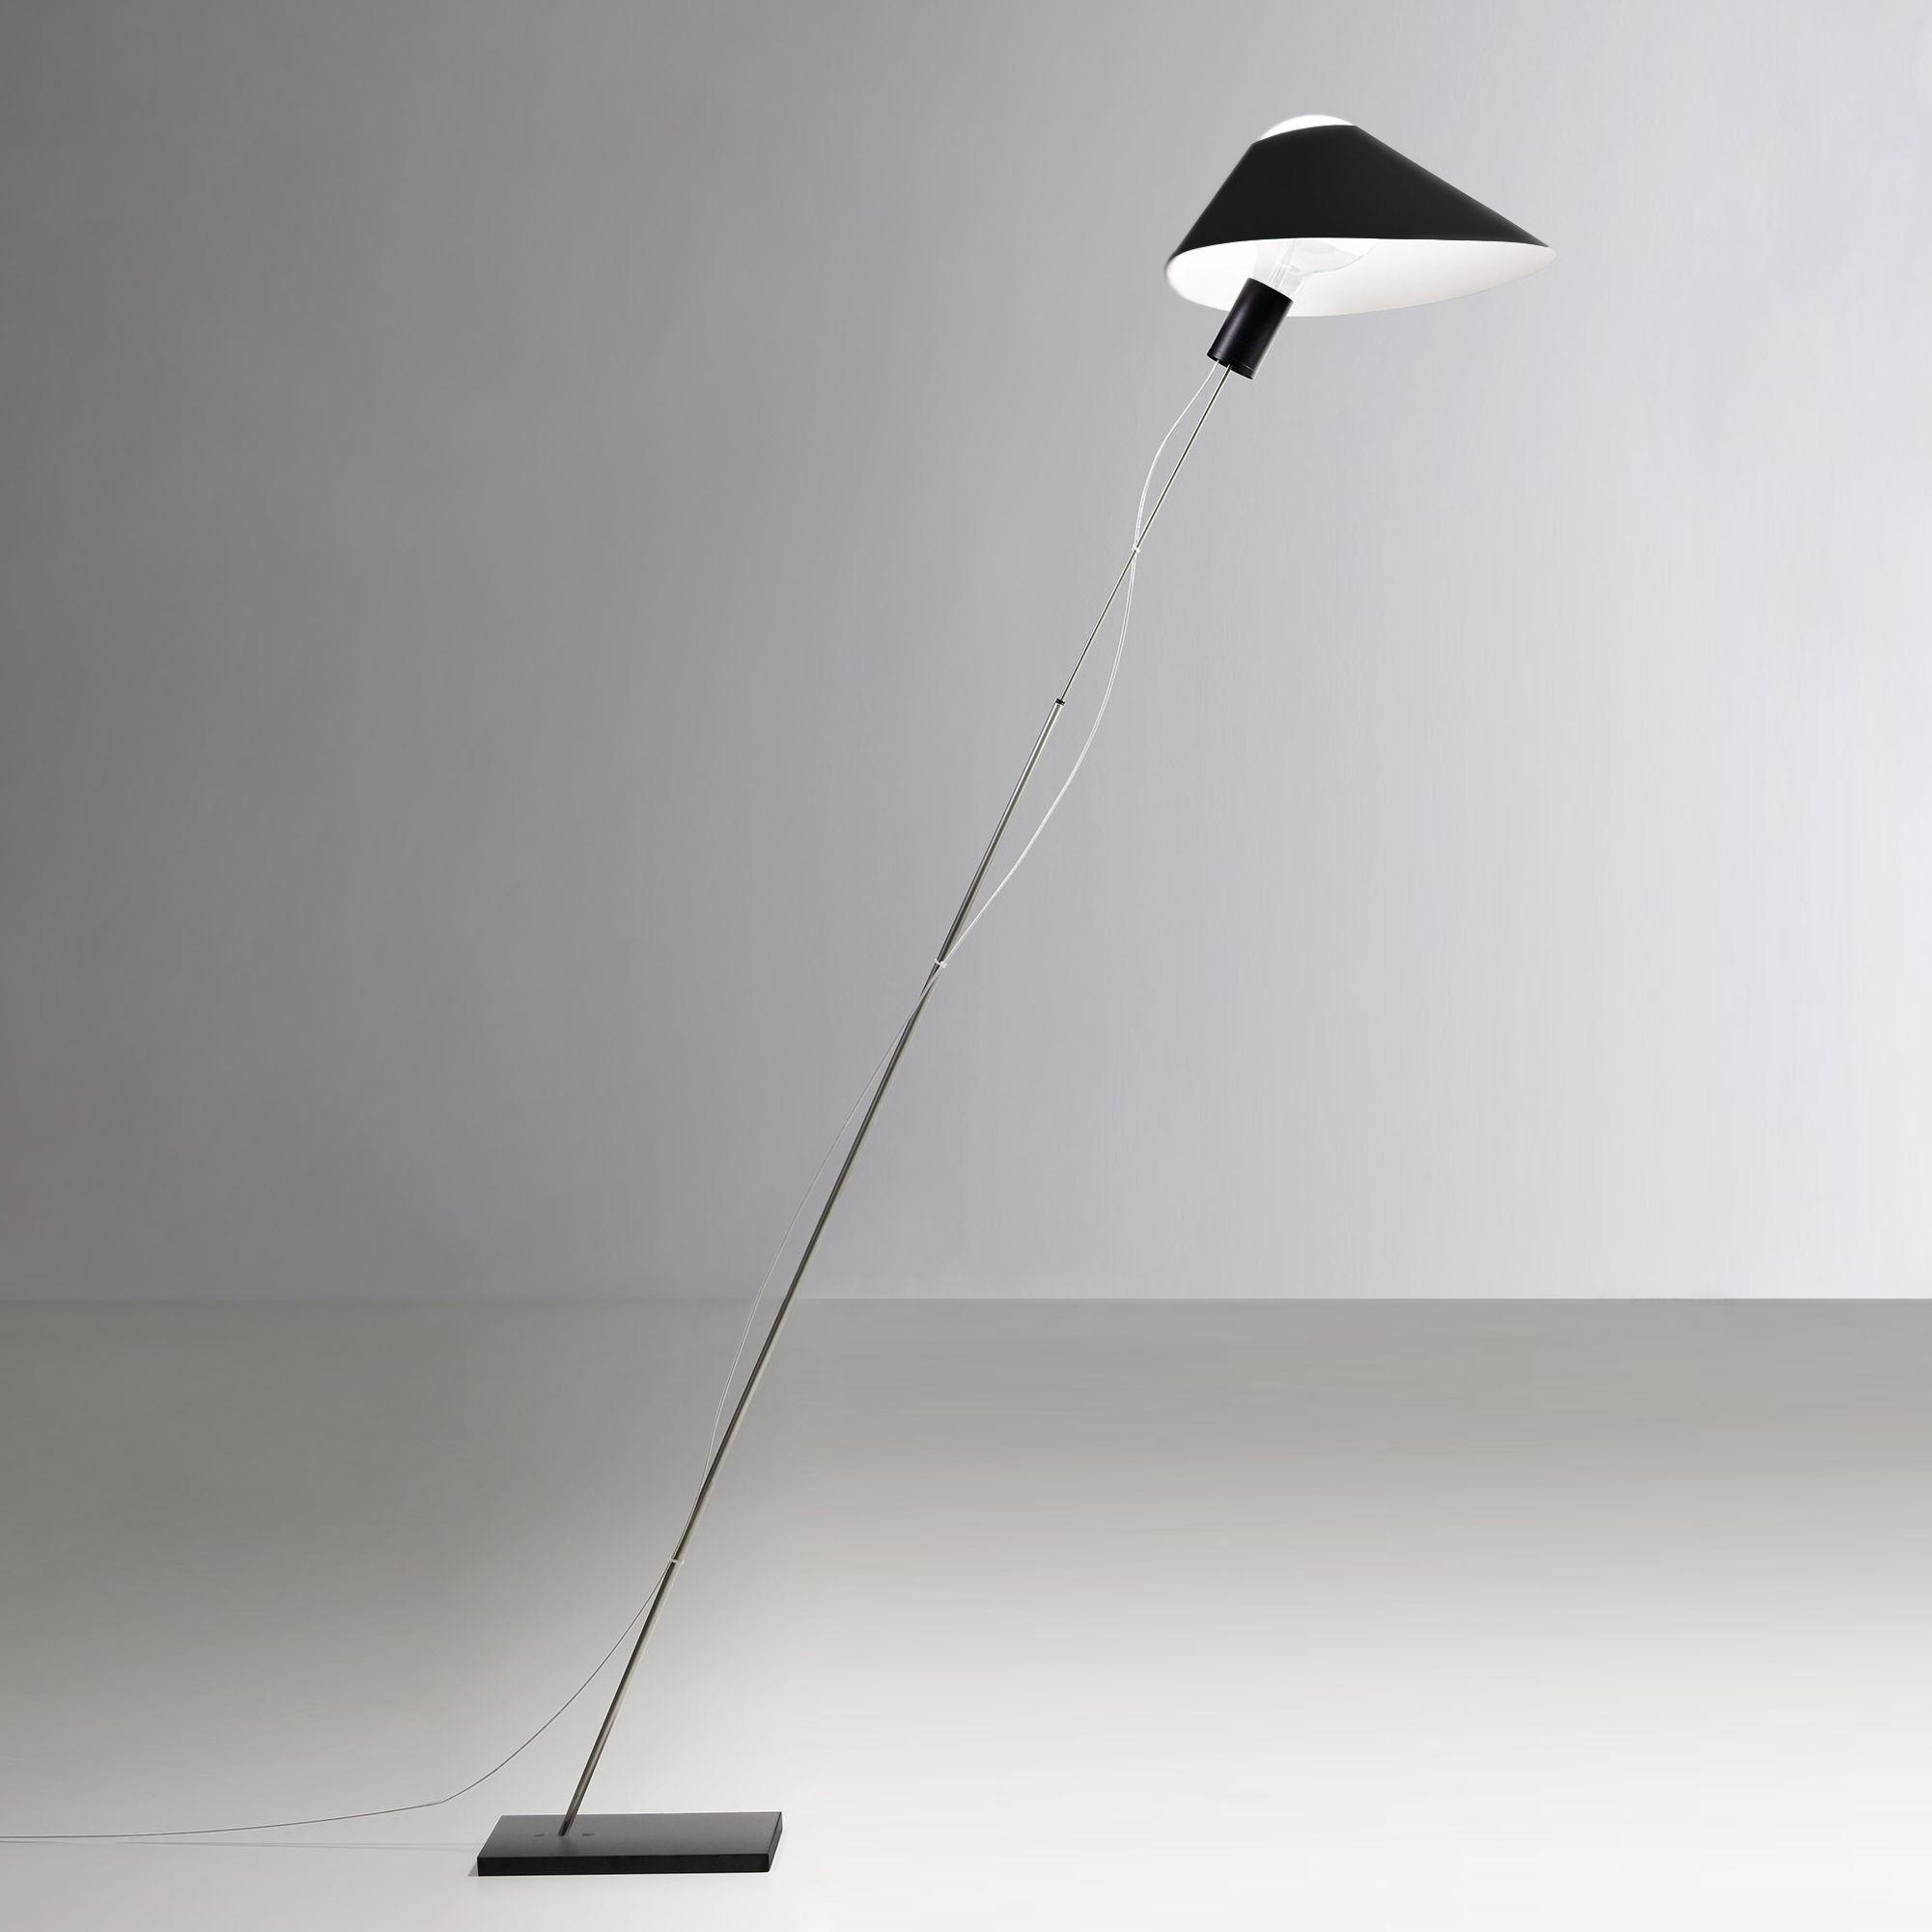 Glatzkopf Stehleuchte - / Papier Schwarz by Ingo Maurer | Made In Design